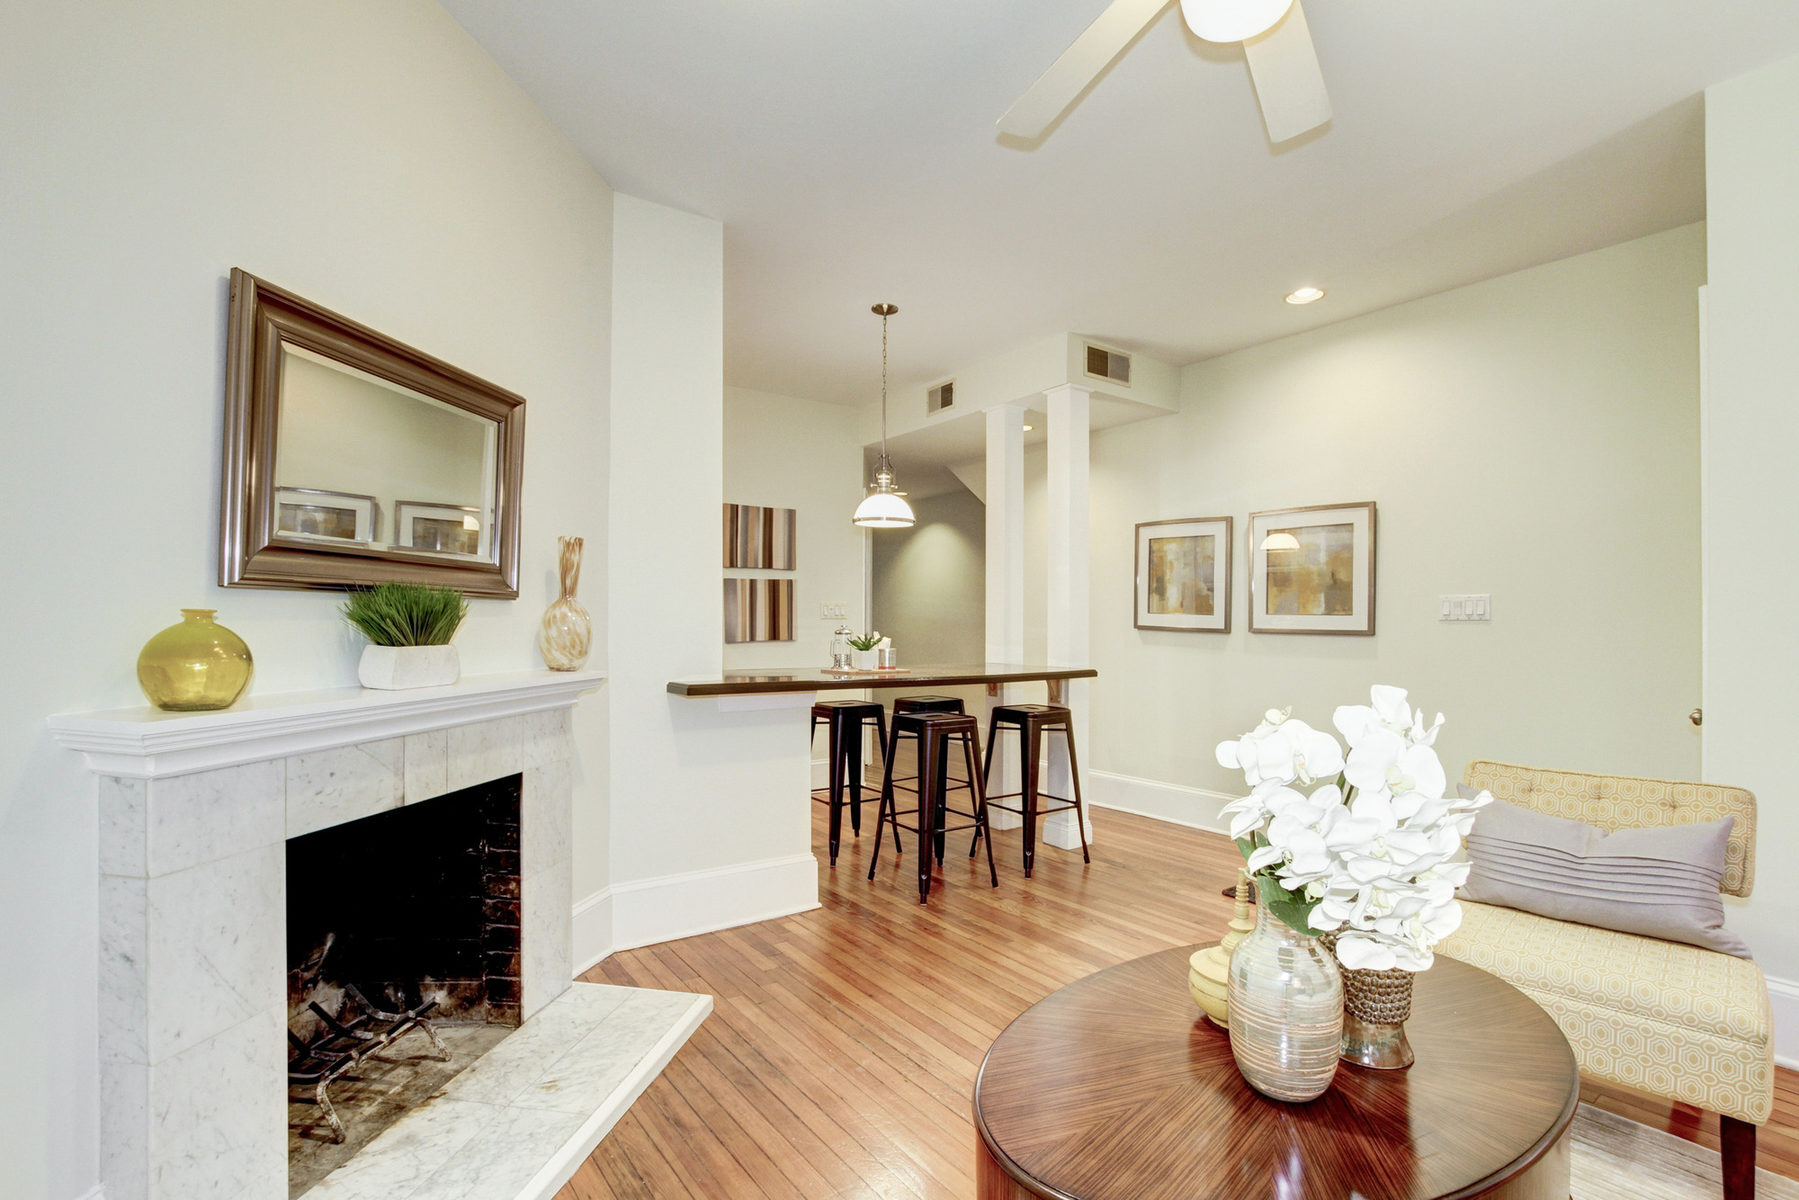 タウンハウス のために 売買 アット 1754 Willard Street Nw 1, Washington Washington, コロンビア特別区 20009 アメリカ合衆国